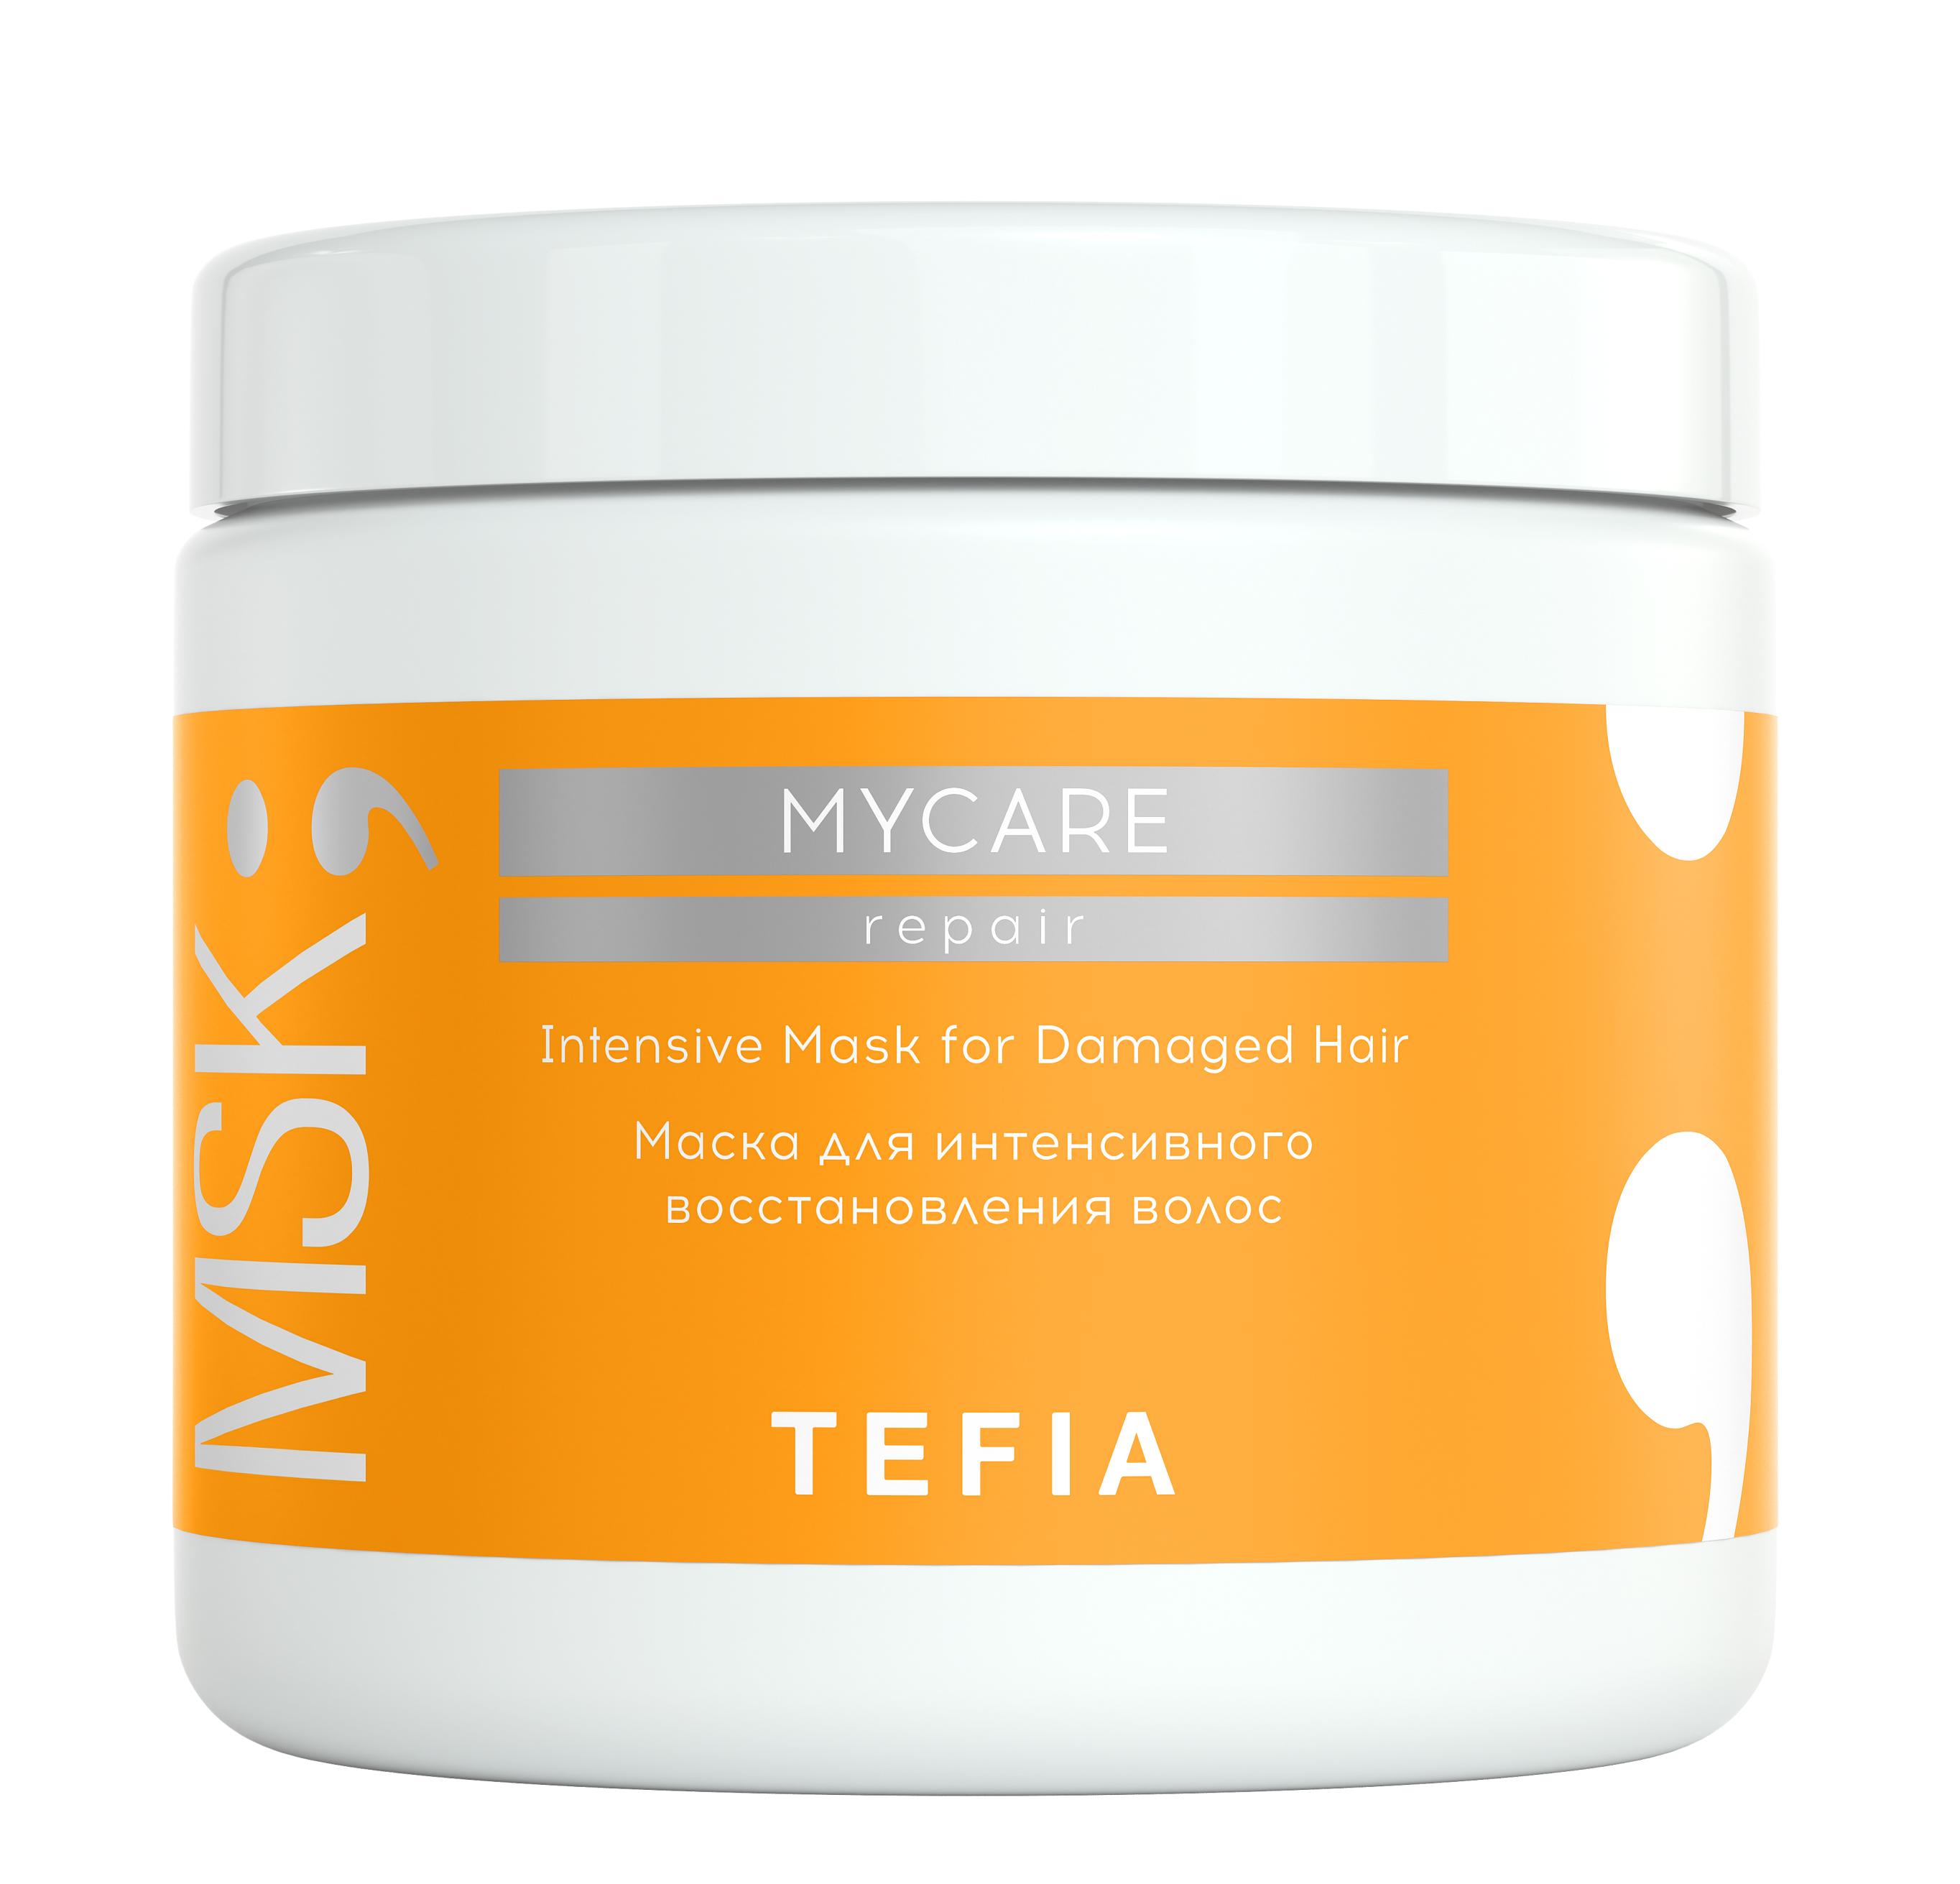 TEFIA Маска для интенсивного восстановления волос / Mycare REPAIR 500 мл.